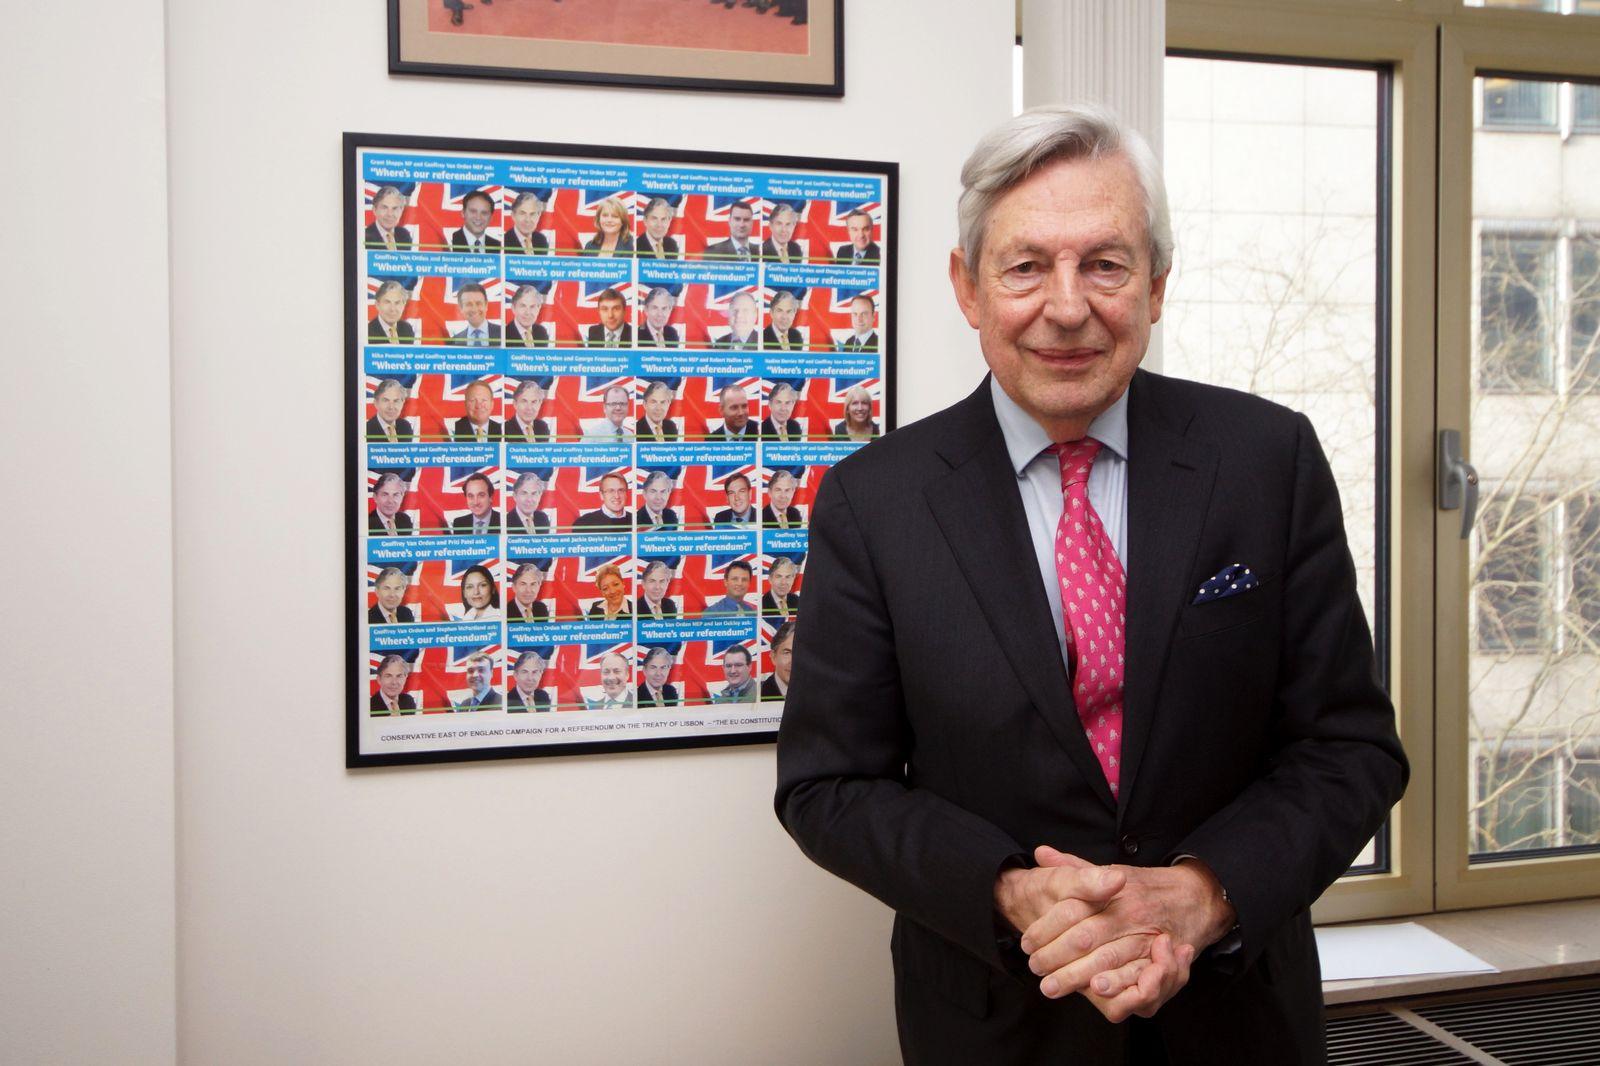 Geoffrey Van Orden